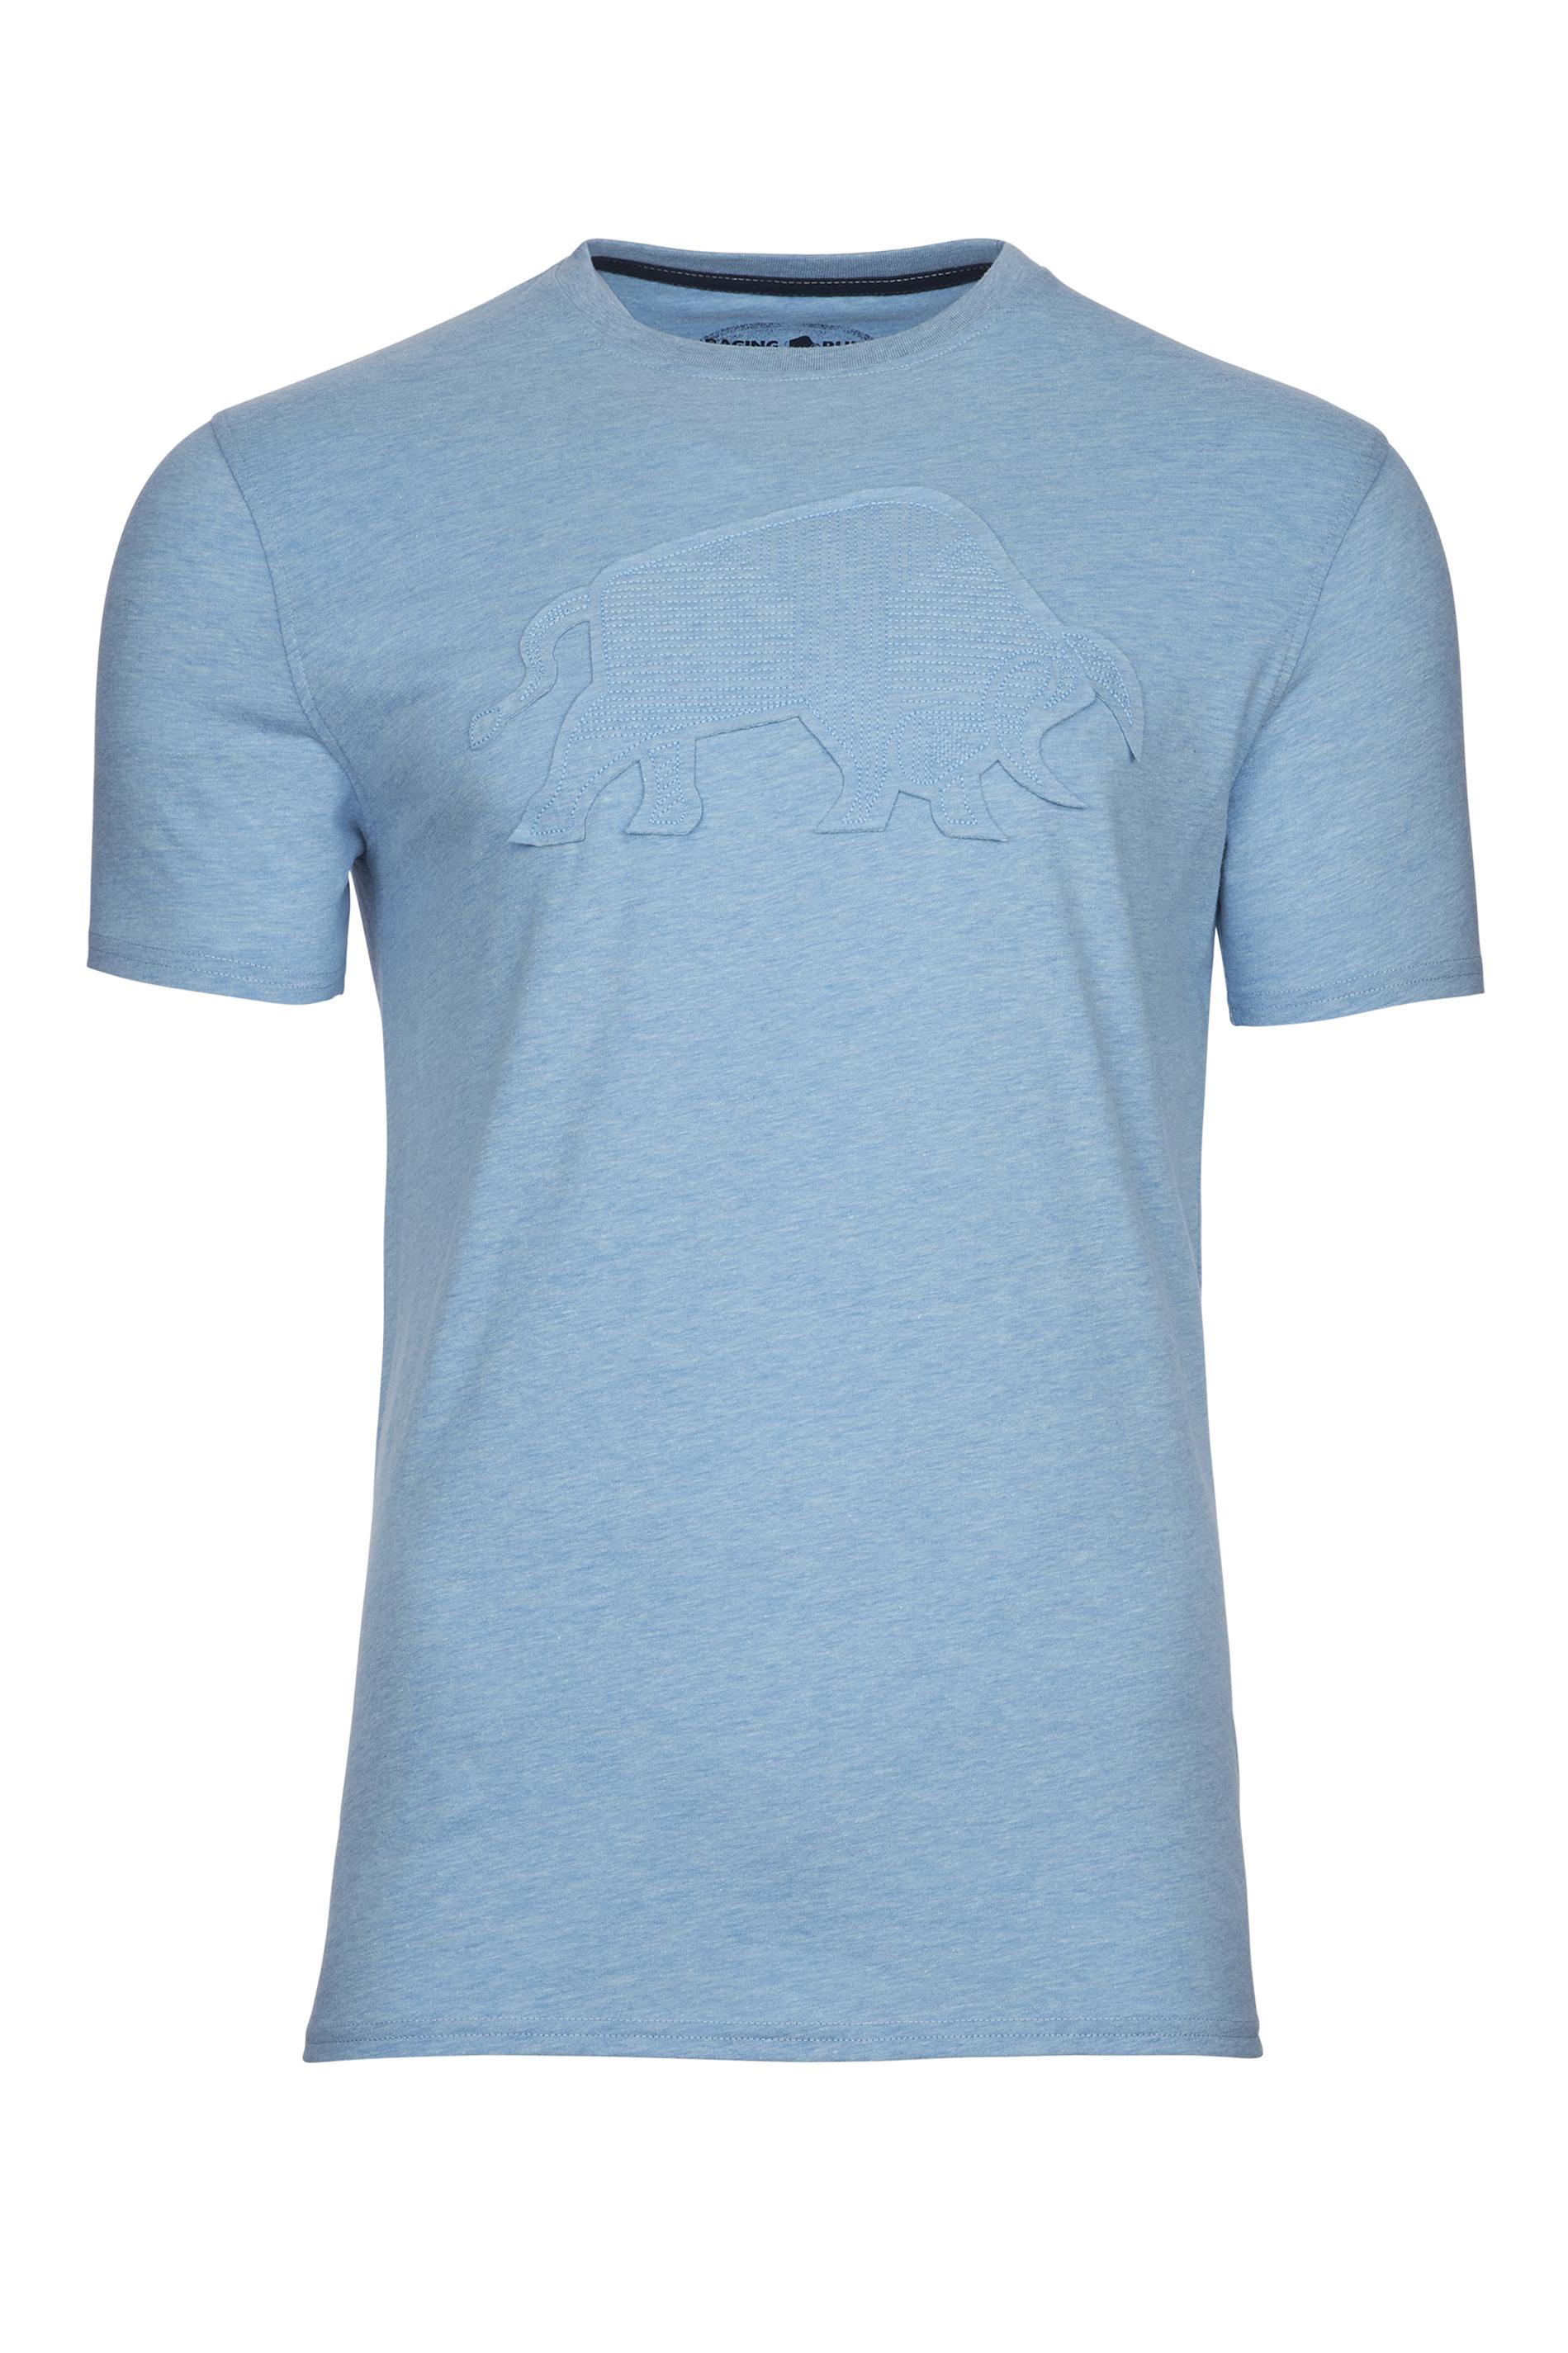 RAGING BULL Blue Embroidered Bull T-Shirt_F.jpg